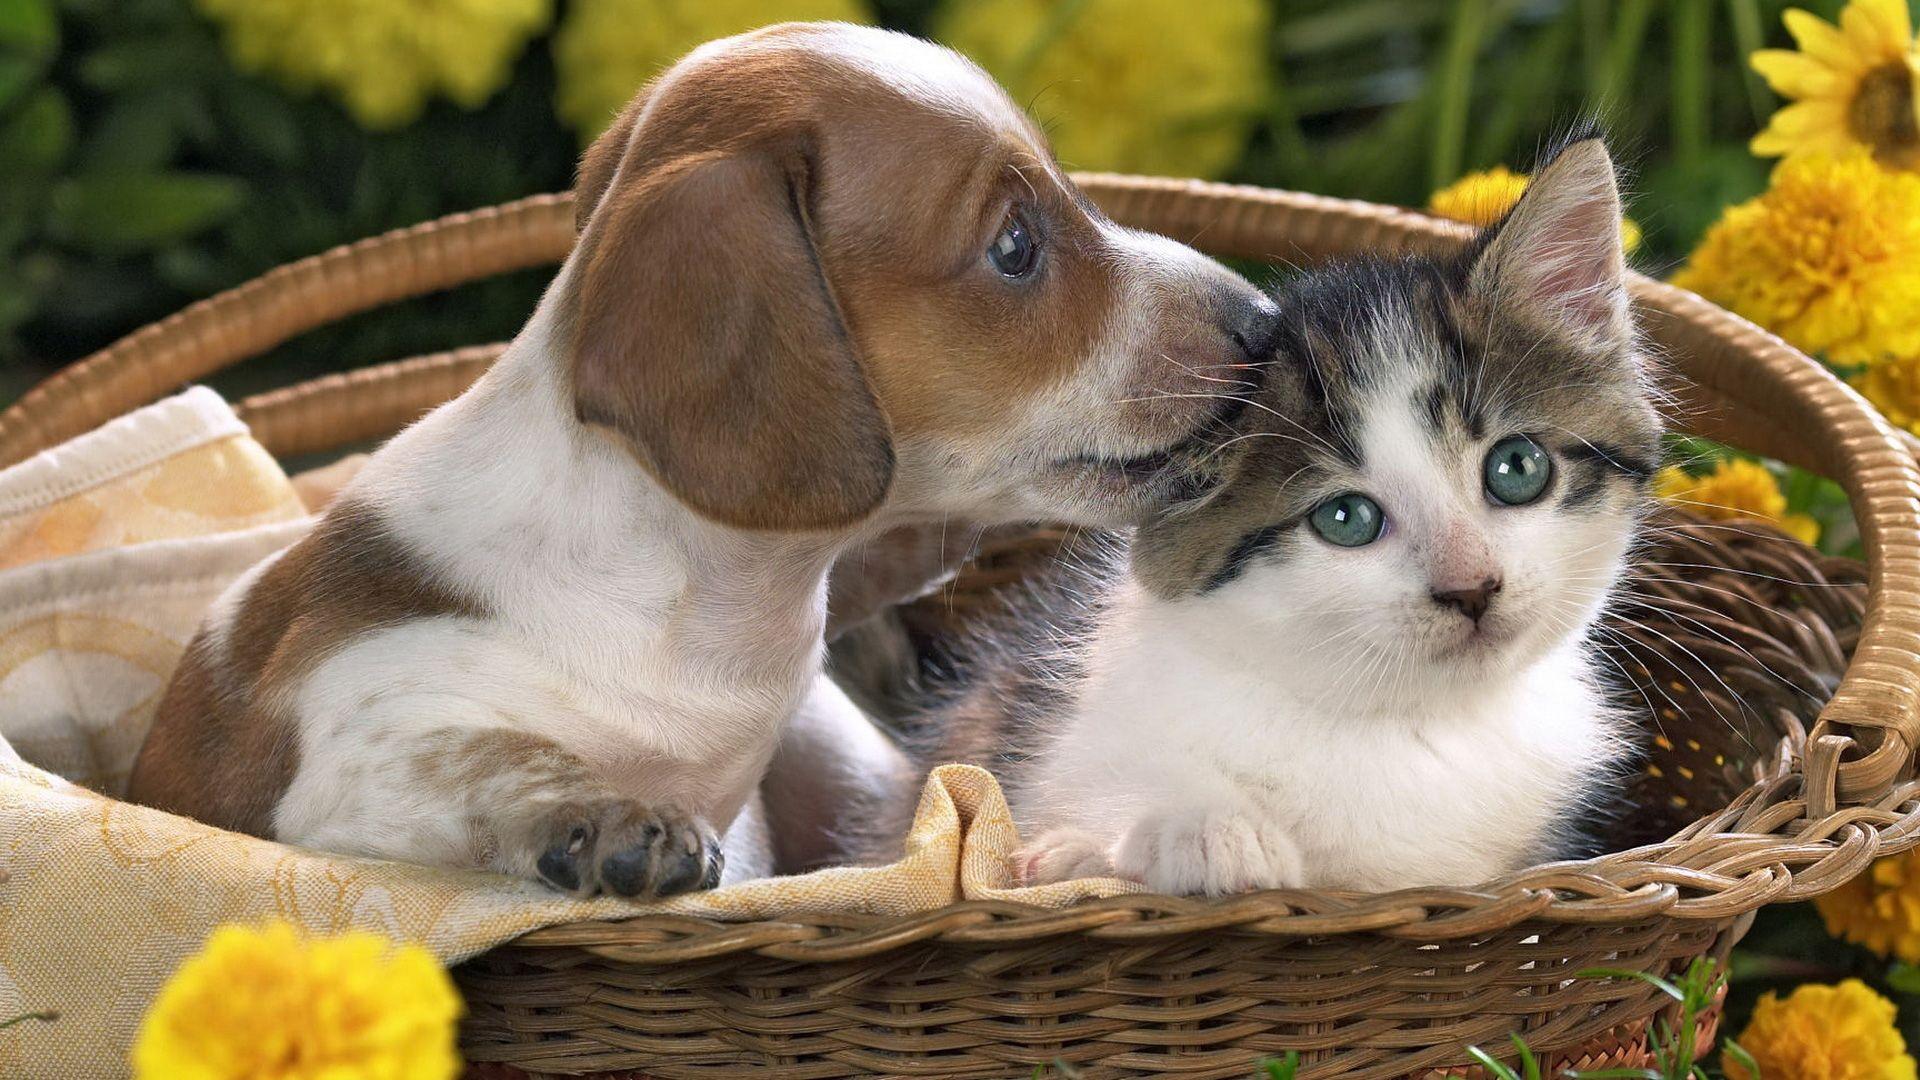 Kitten and puppy wallpaper